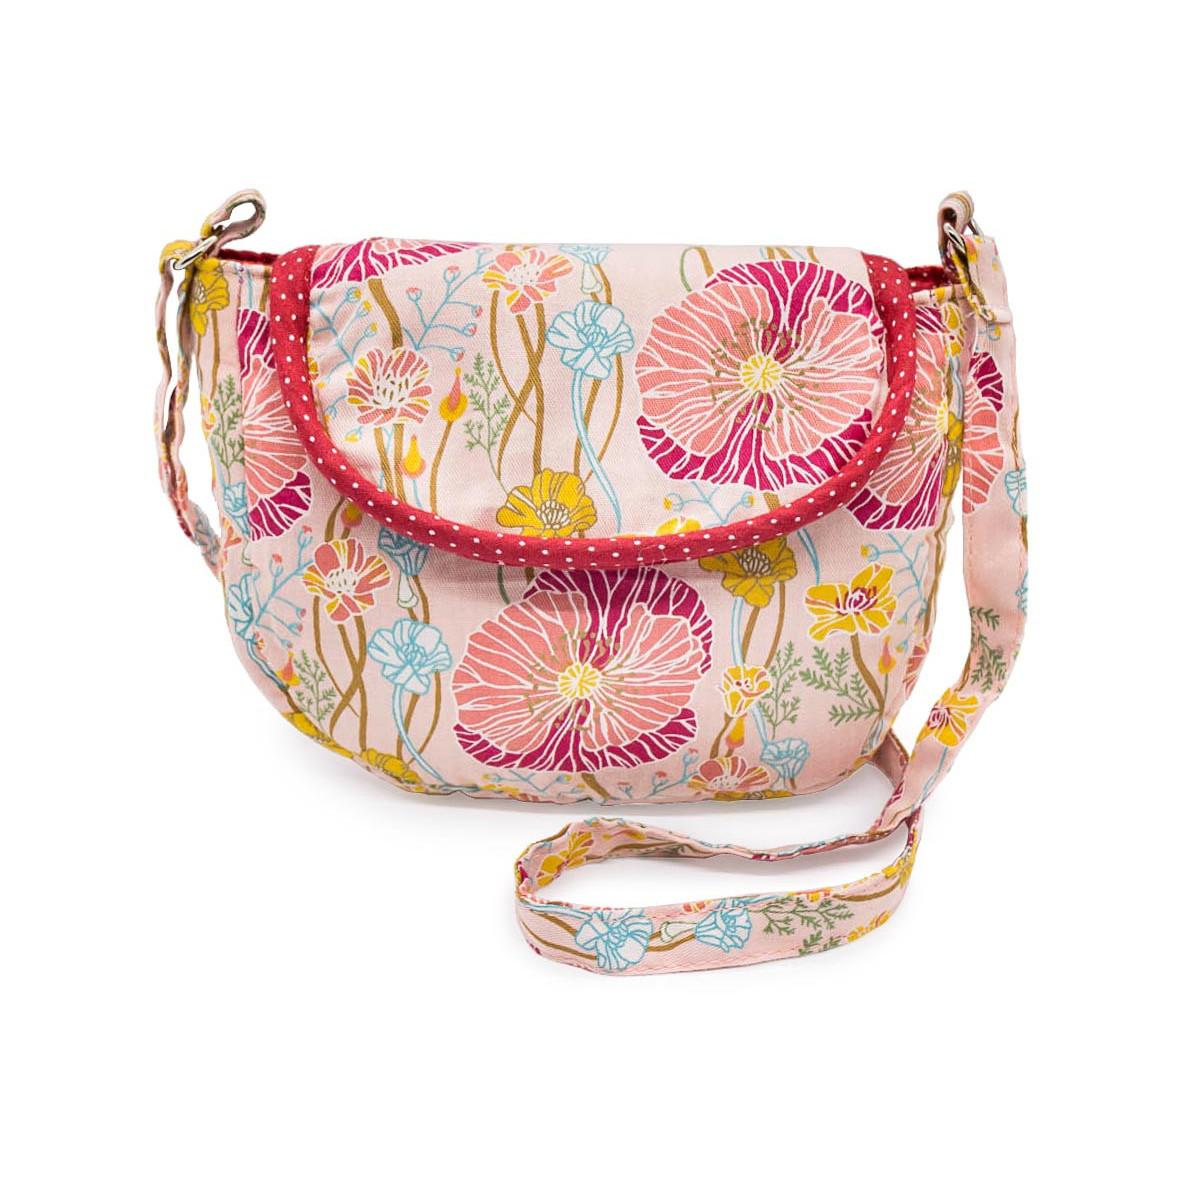 Petit sac à main bandoulière coquelicots sur fond rose